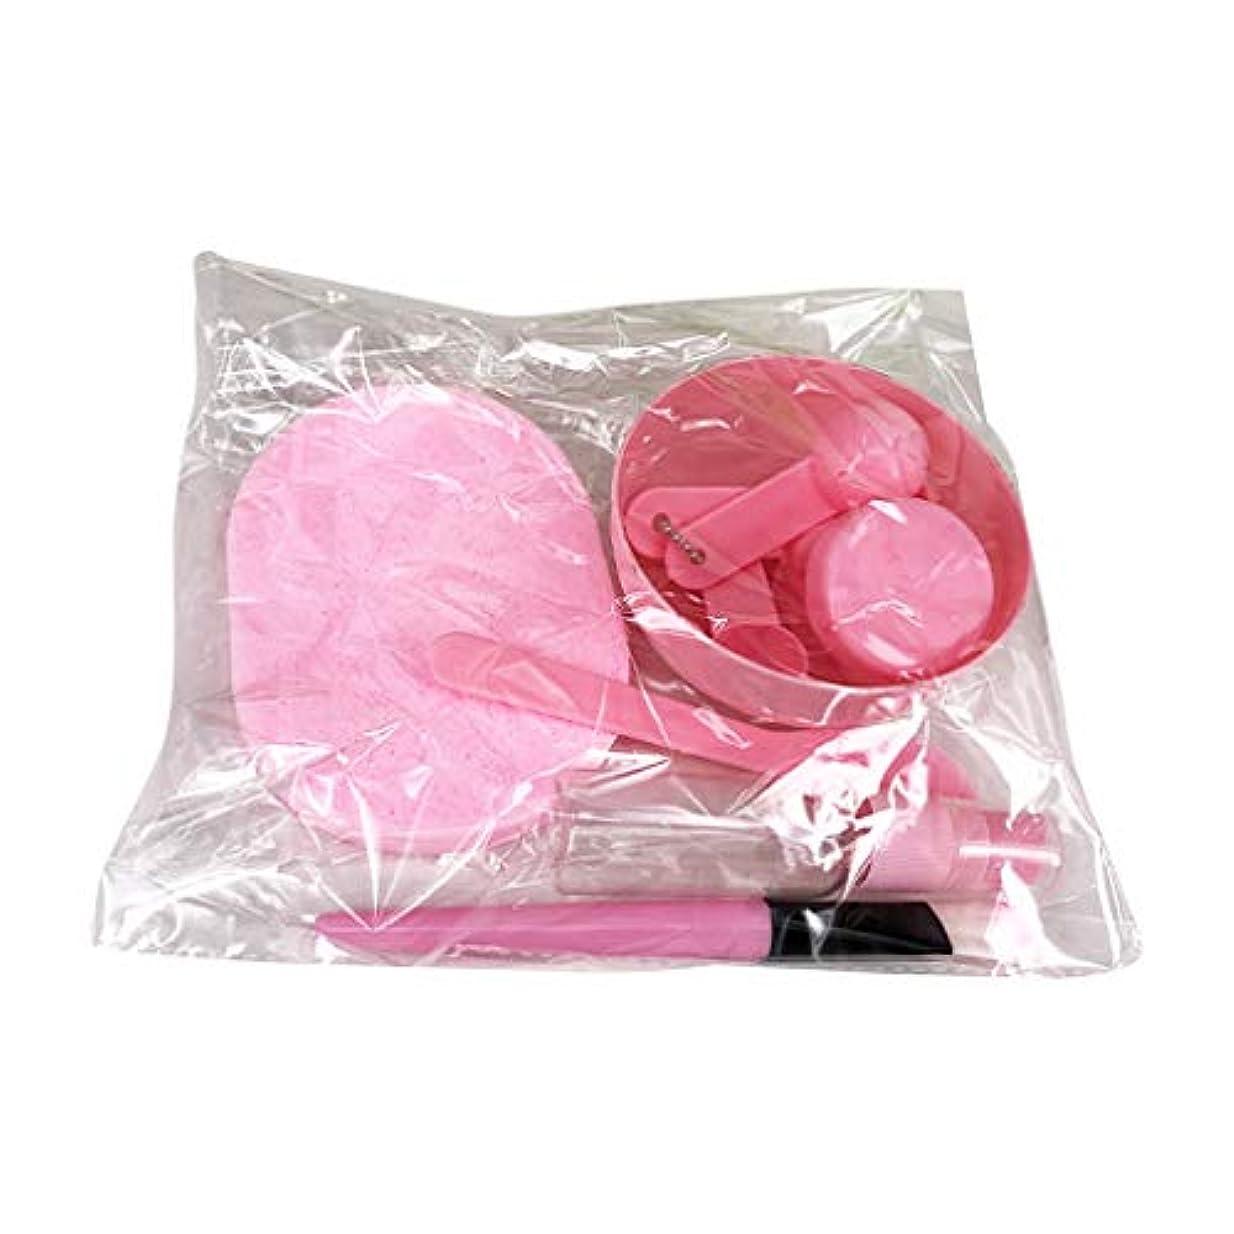 Vonaryl 美容パック用道具 マスクツール プラスチックボウル メイクアップツール フェイシャルマスクツール 9点セット DIY用品 スライム用ボウル サロン用具 全3色あり